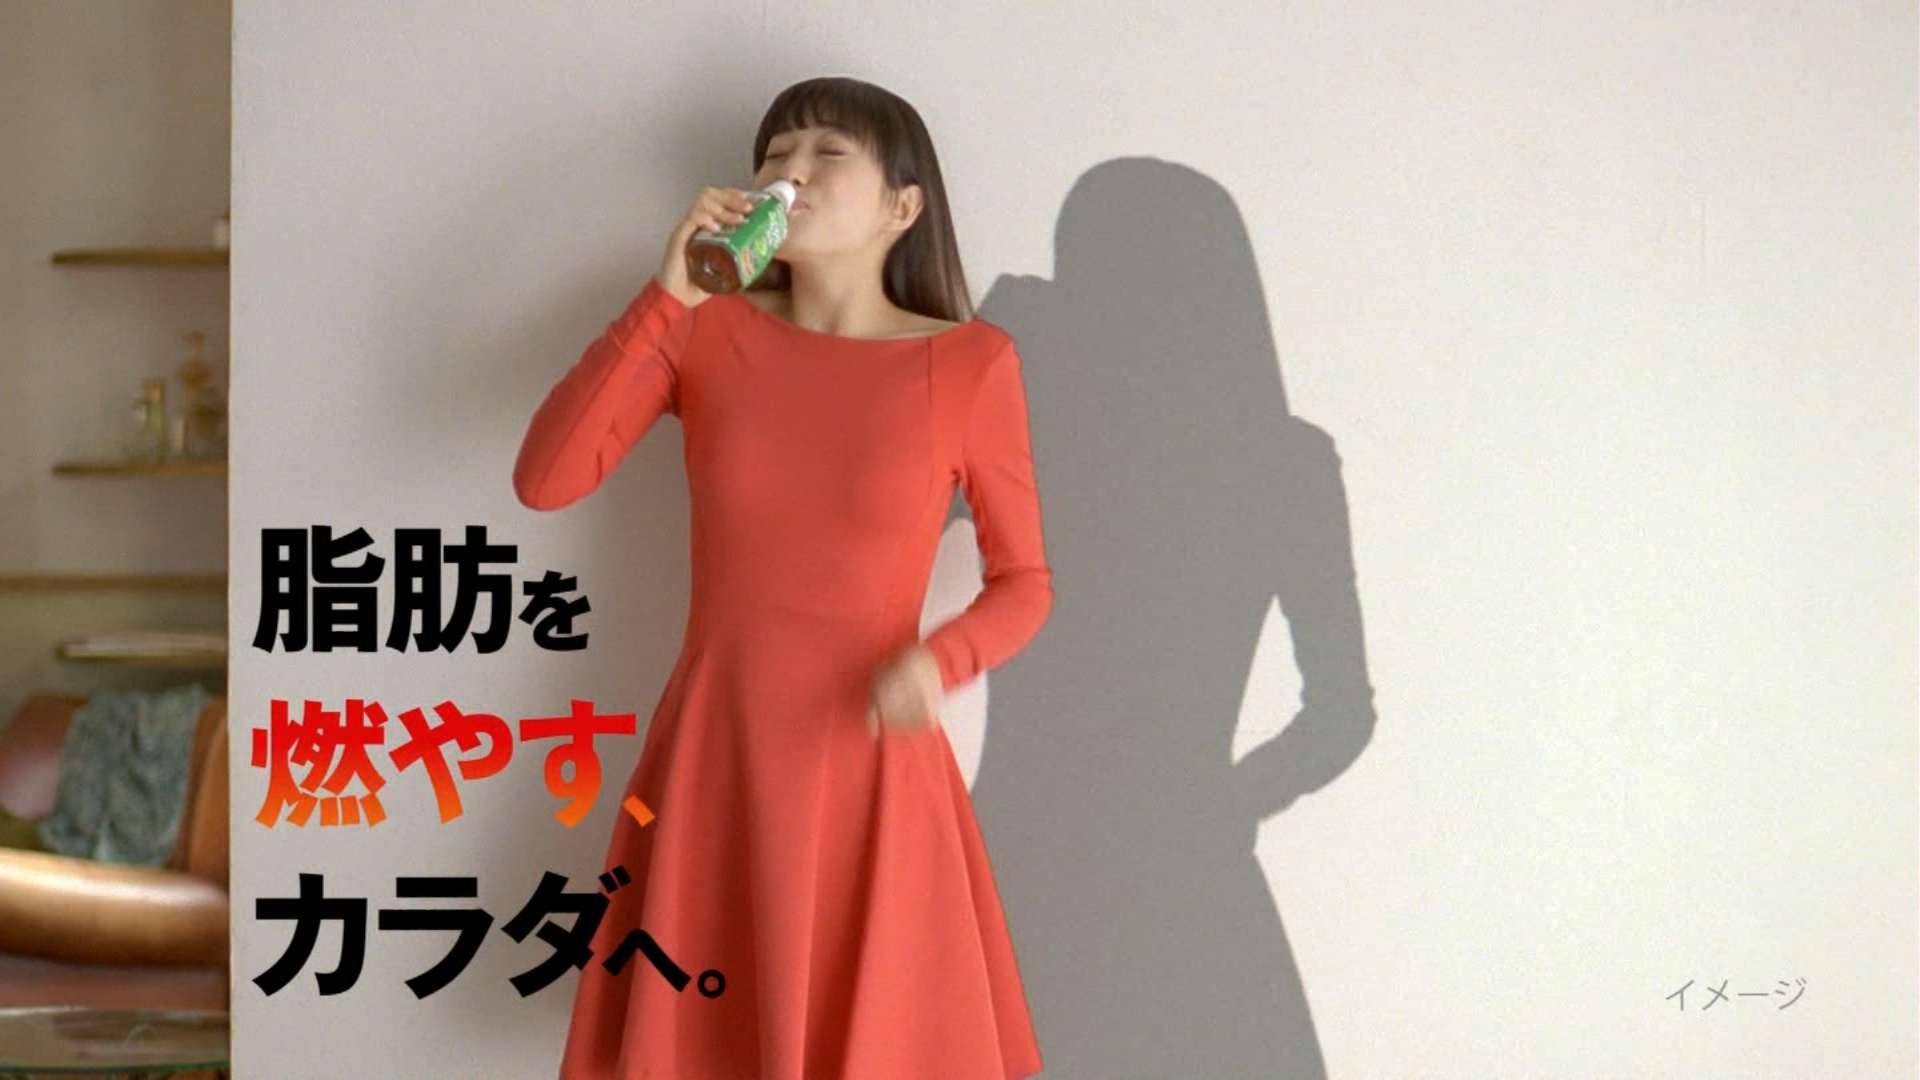 菅野美穂 おっぱい画像7